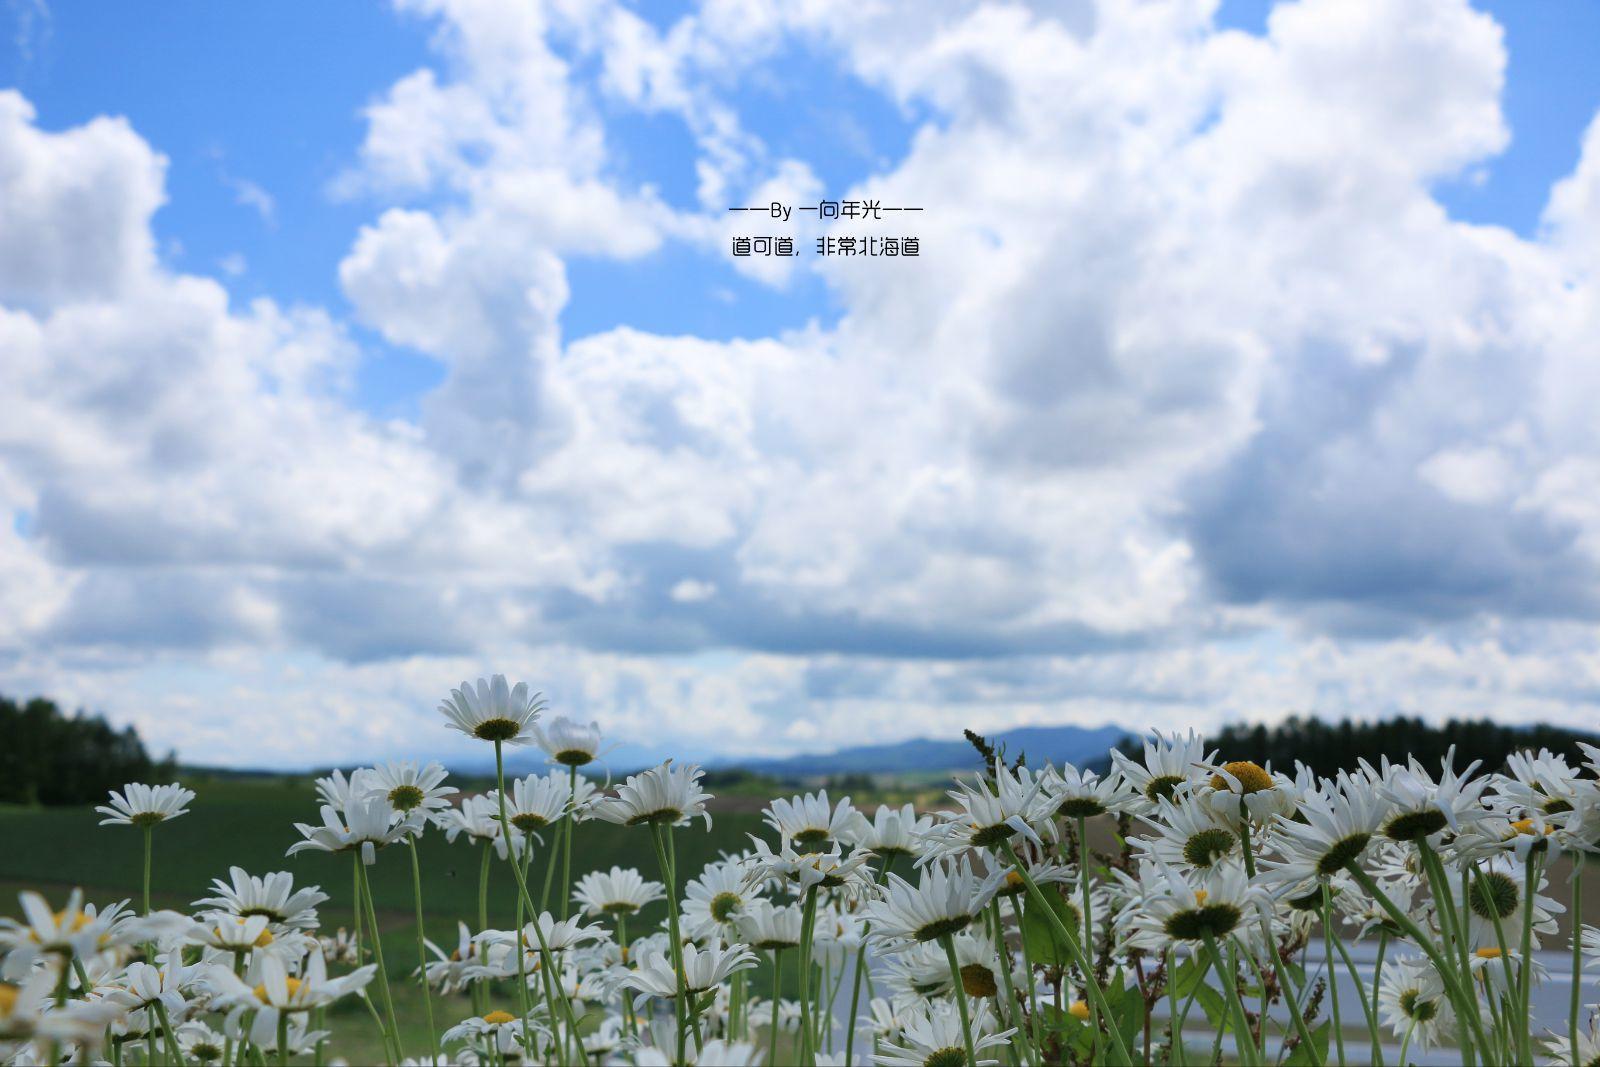 道可道,非常北海道